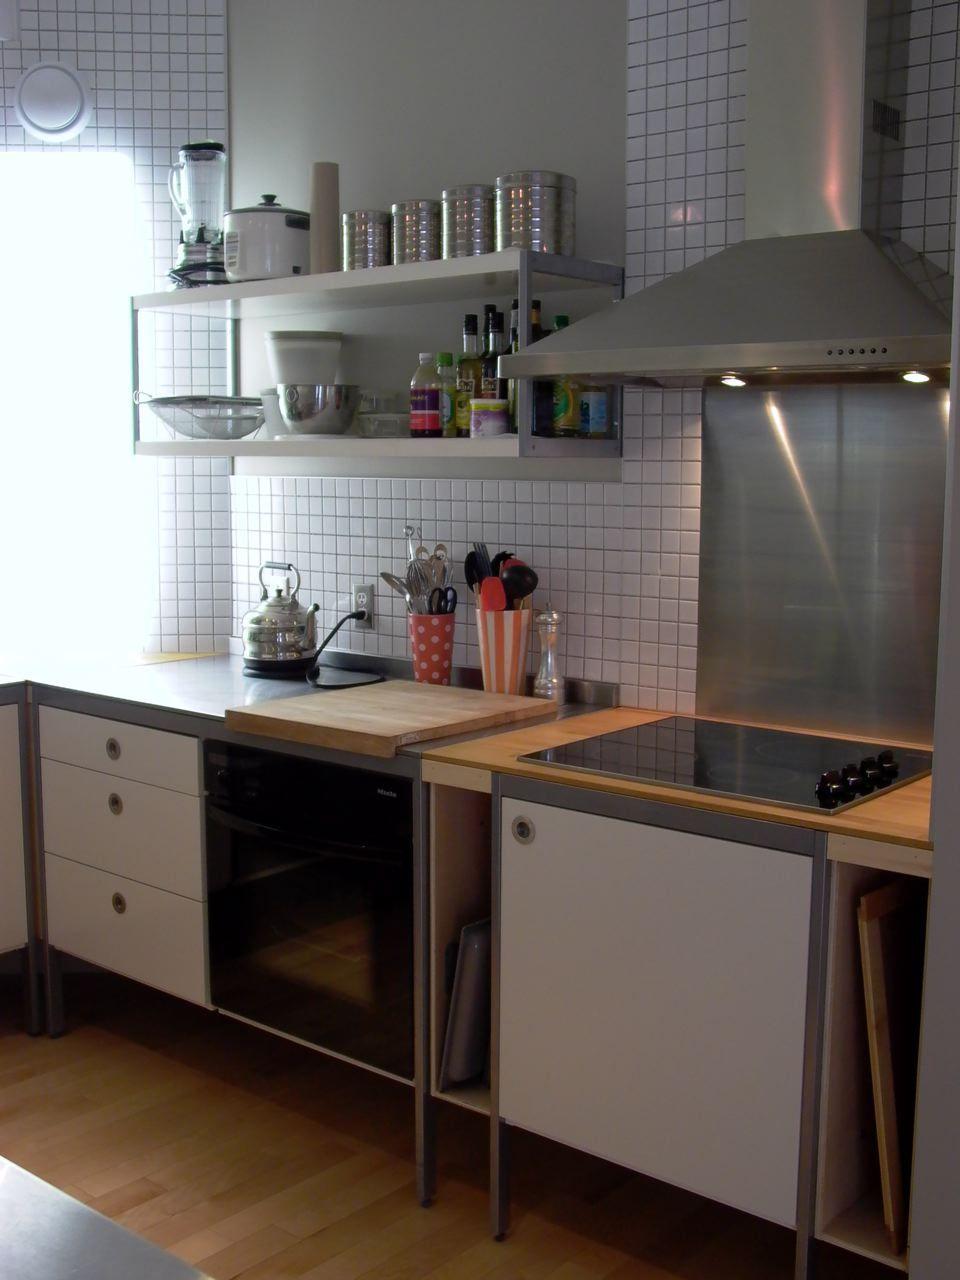 Full Size of Udden Modular Kitchen In 2020 Ikea Modulküche Holz Miniküche Betten 160x200 Küche Kosten Sofa Mit Schlaffunktion Kaufen Bei Küche Modulküche Ikea